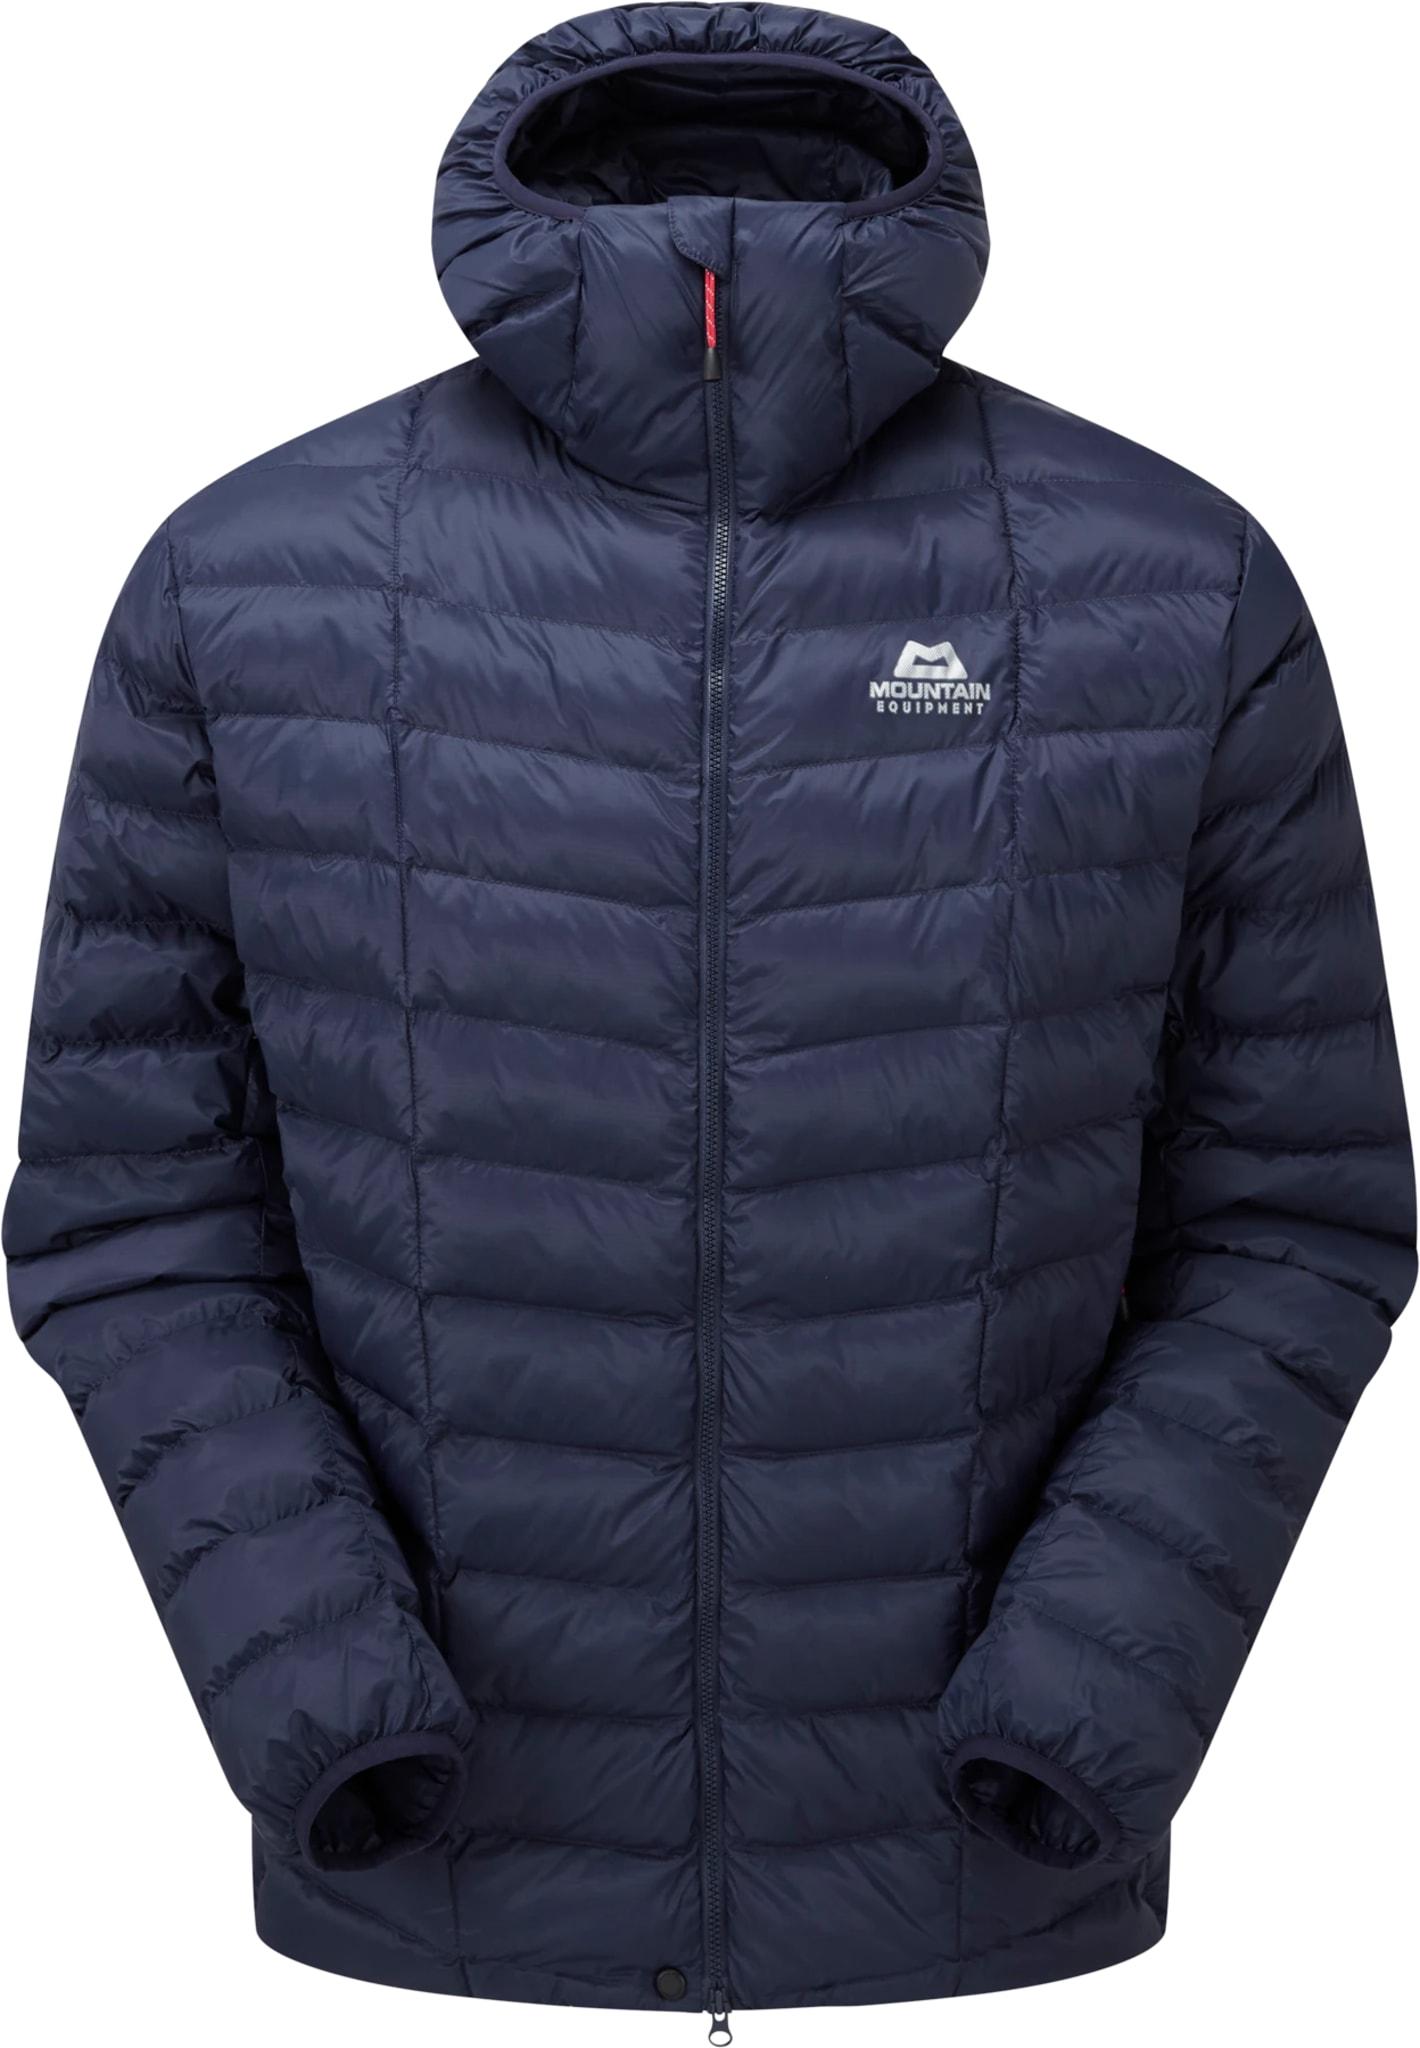 Innovativ syntetisk jakke med stort bruksområde